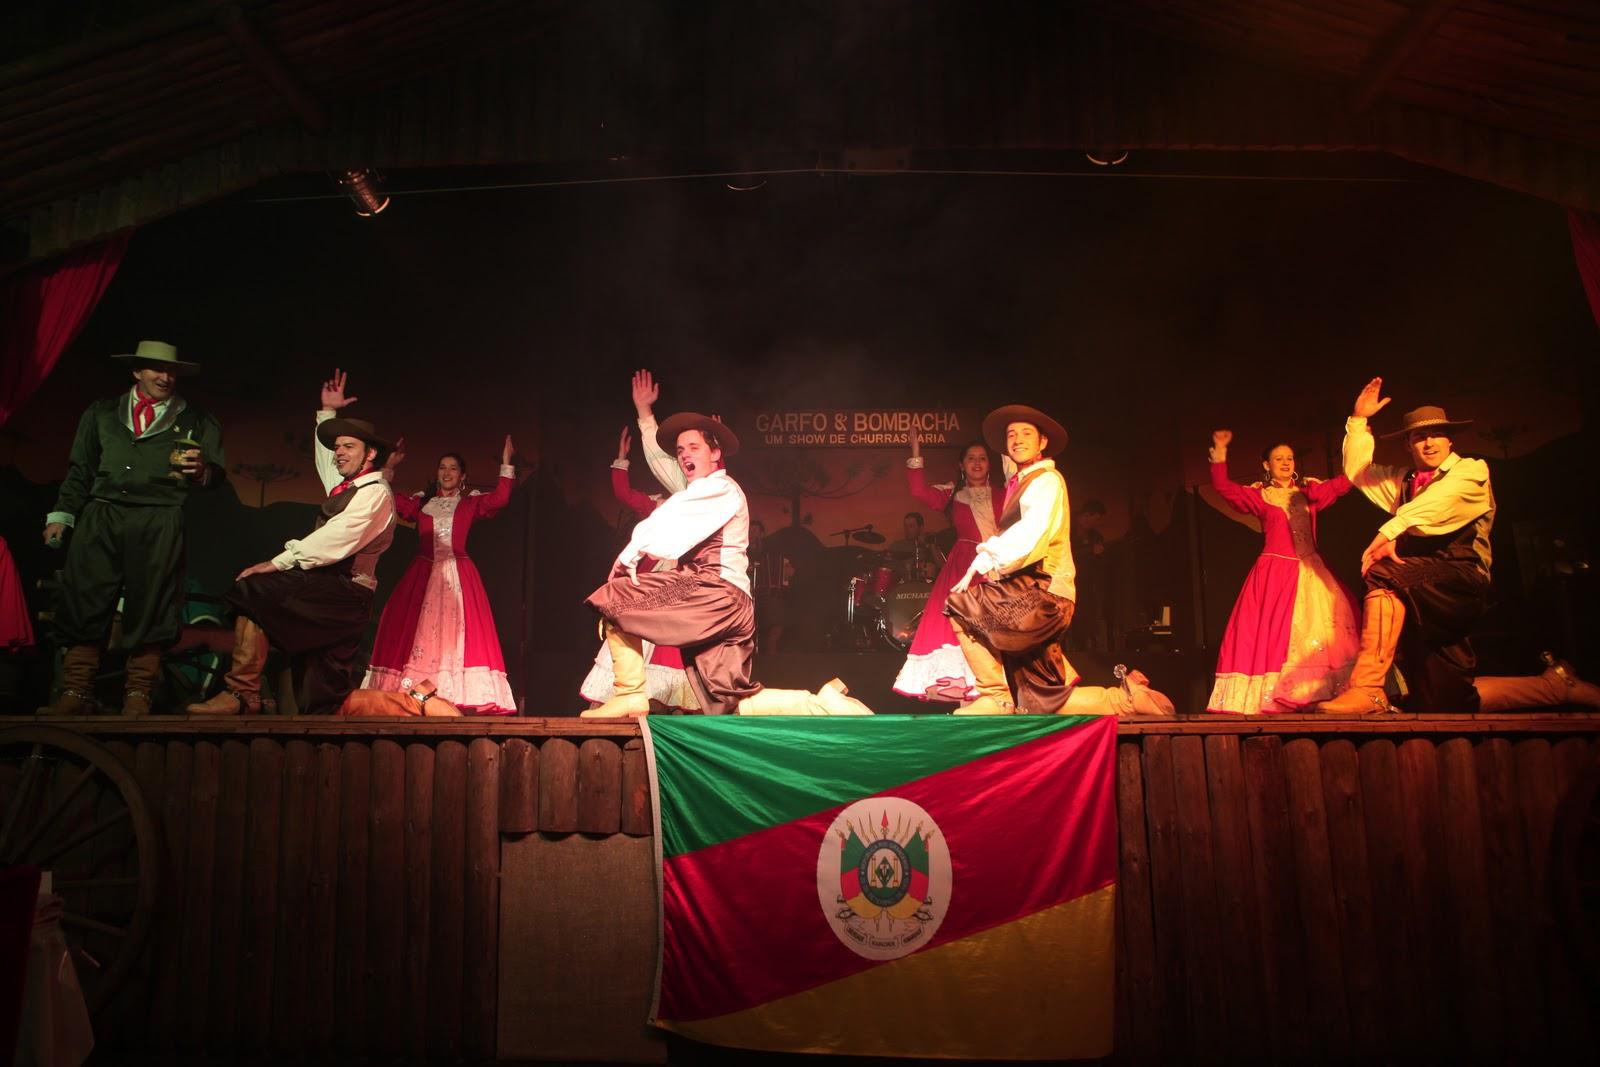 Foto que mostra vários dançarinos gaúchos, dançando a famosa chula. Destaque para a bandeira do Rio Grande do Sul.